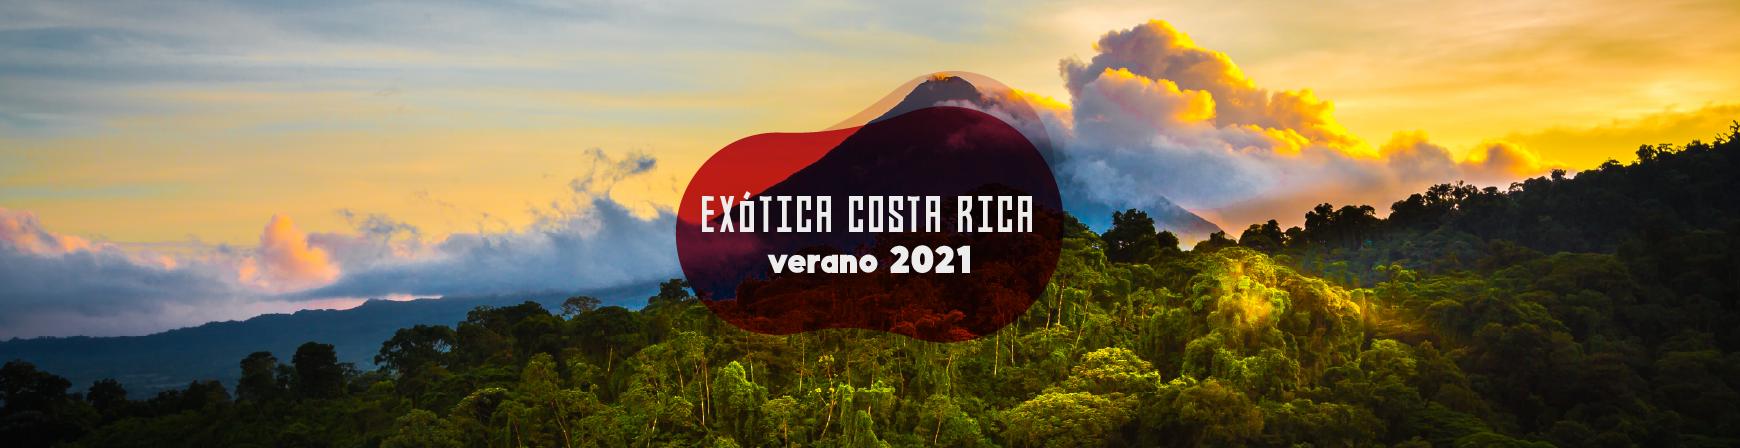 EXÓTICA COSTA RICA – Verano 2021 – Travel With Sears